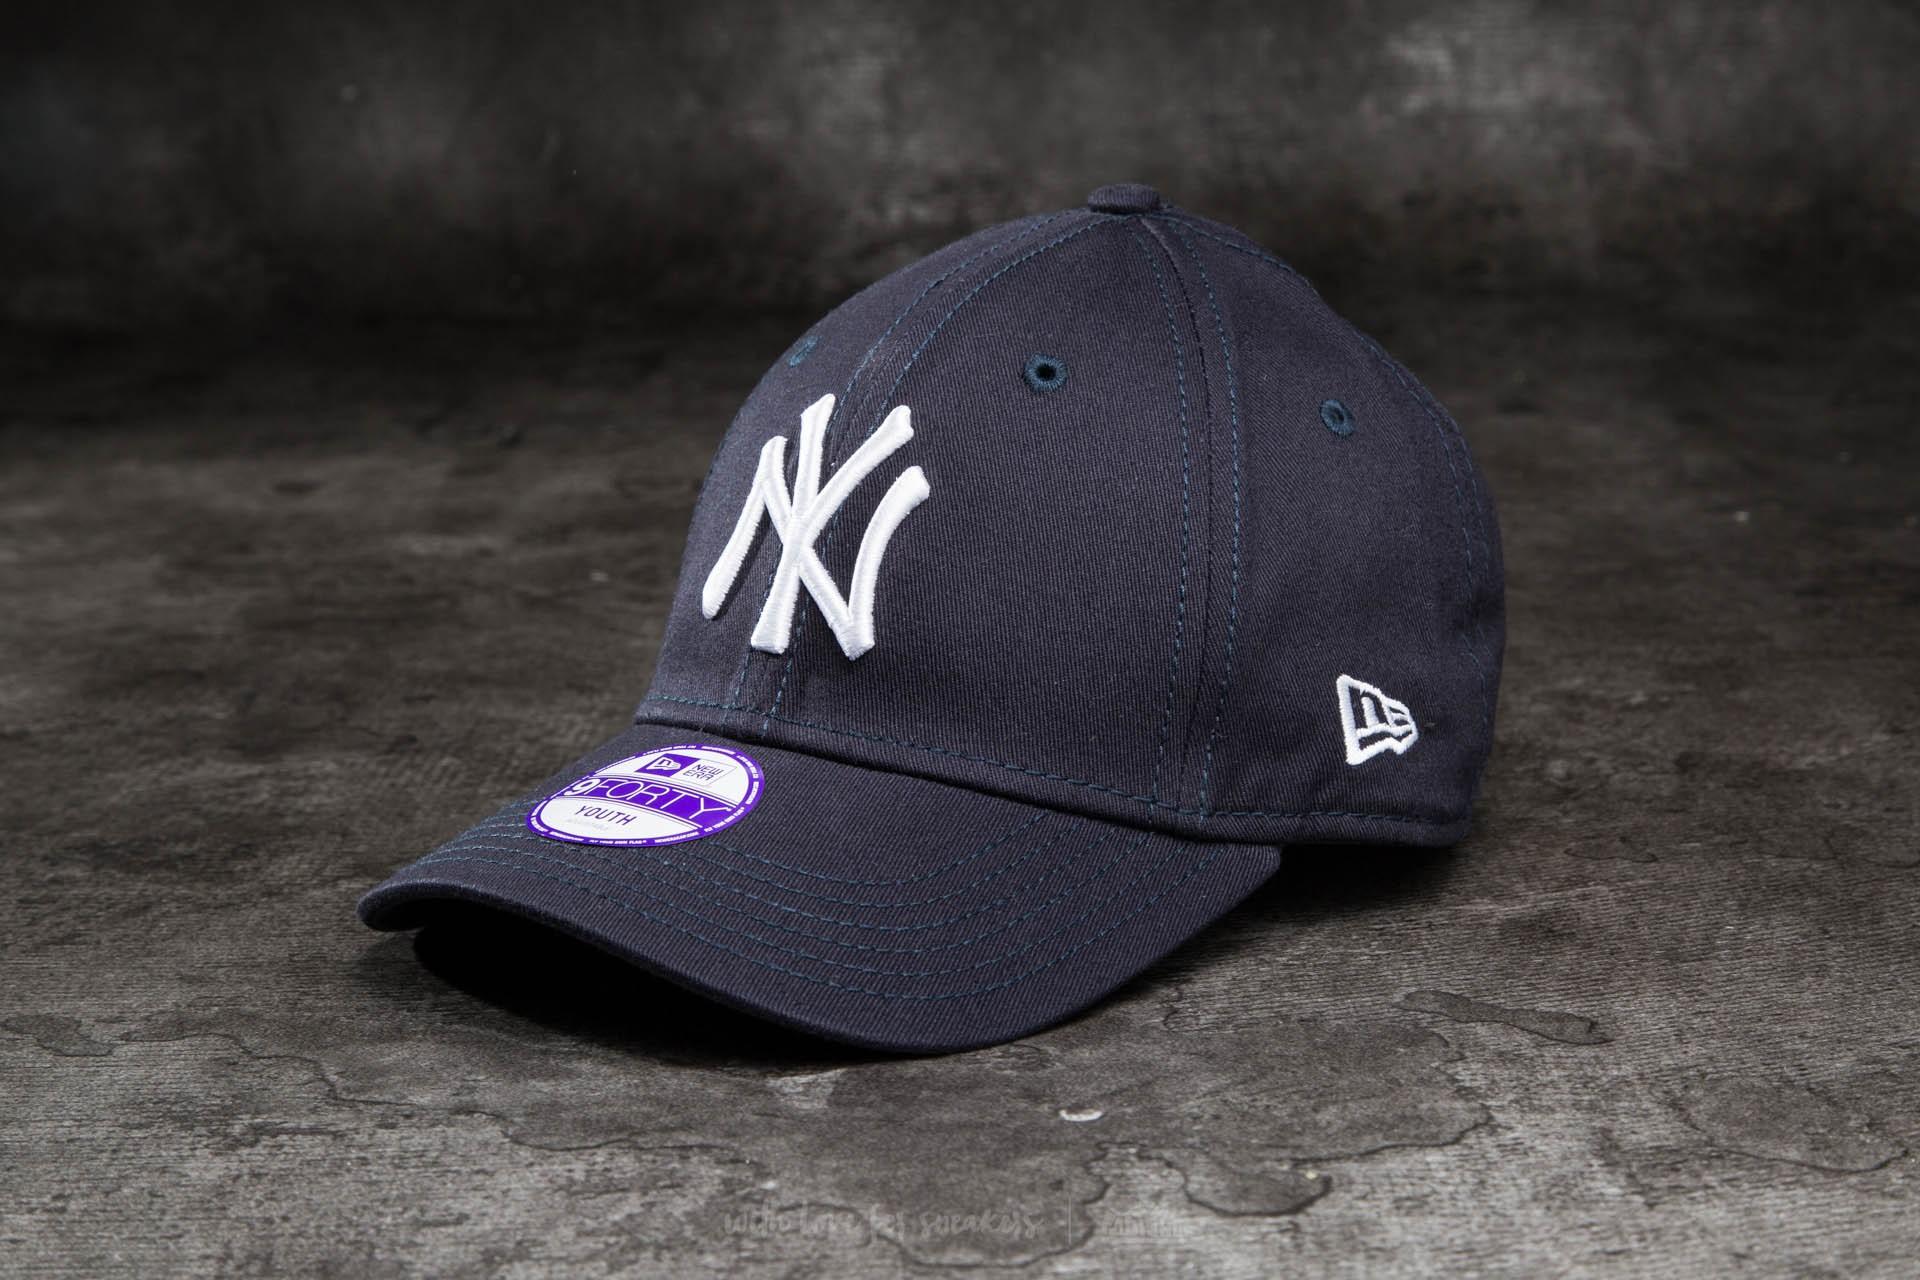 New Era K 9Forty Child Adjustable Major League Baseball New York Yankees Cap Navy/ White za skvělou cenu 499 Kč koupíte na Footshop.cz